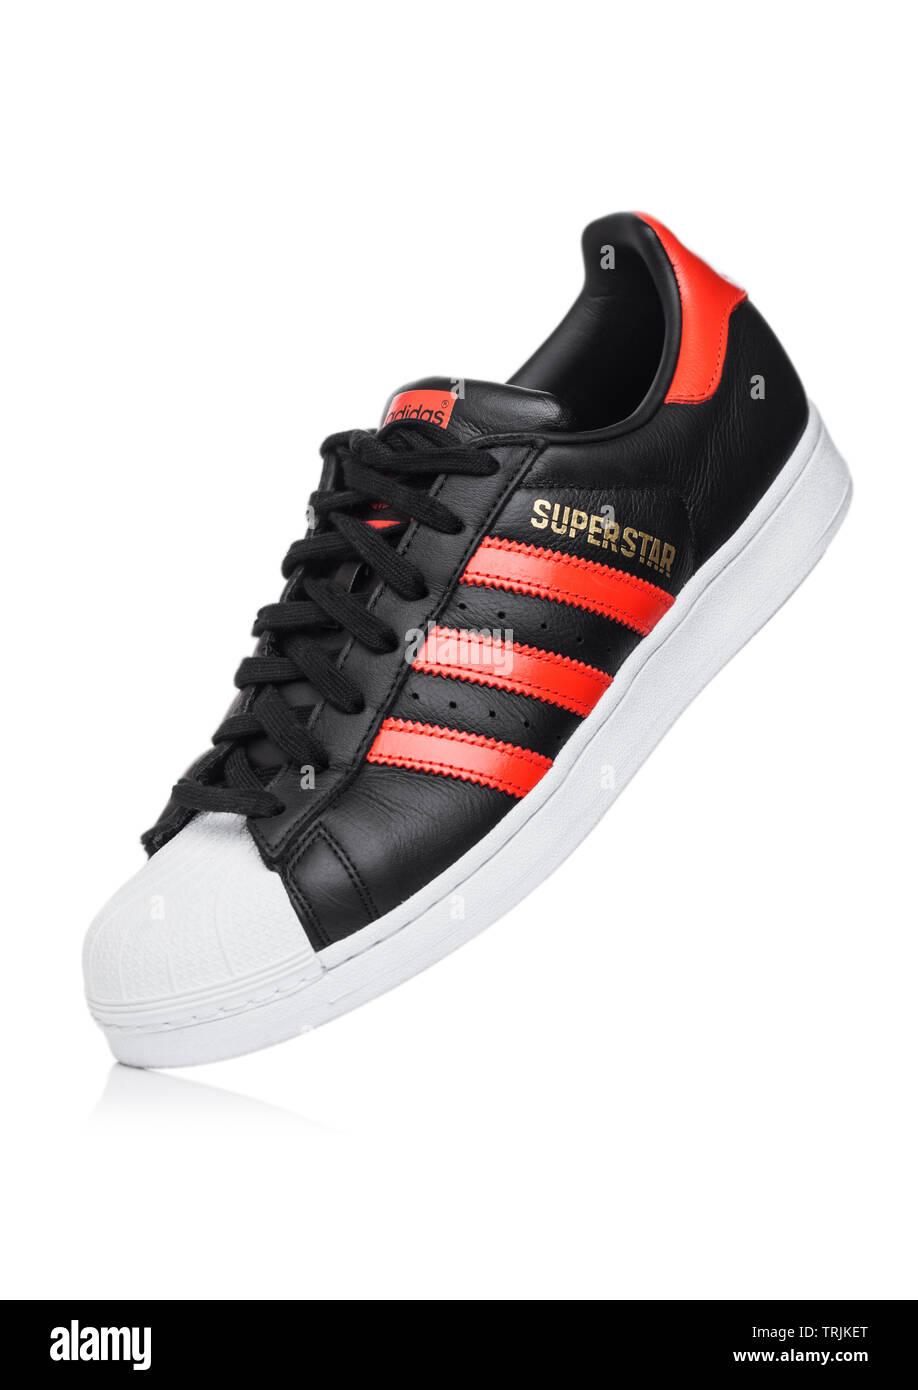 Adidas Rot Schwarz Weiß Stockfotos & Adidas Rot Schwarz Weiß